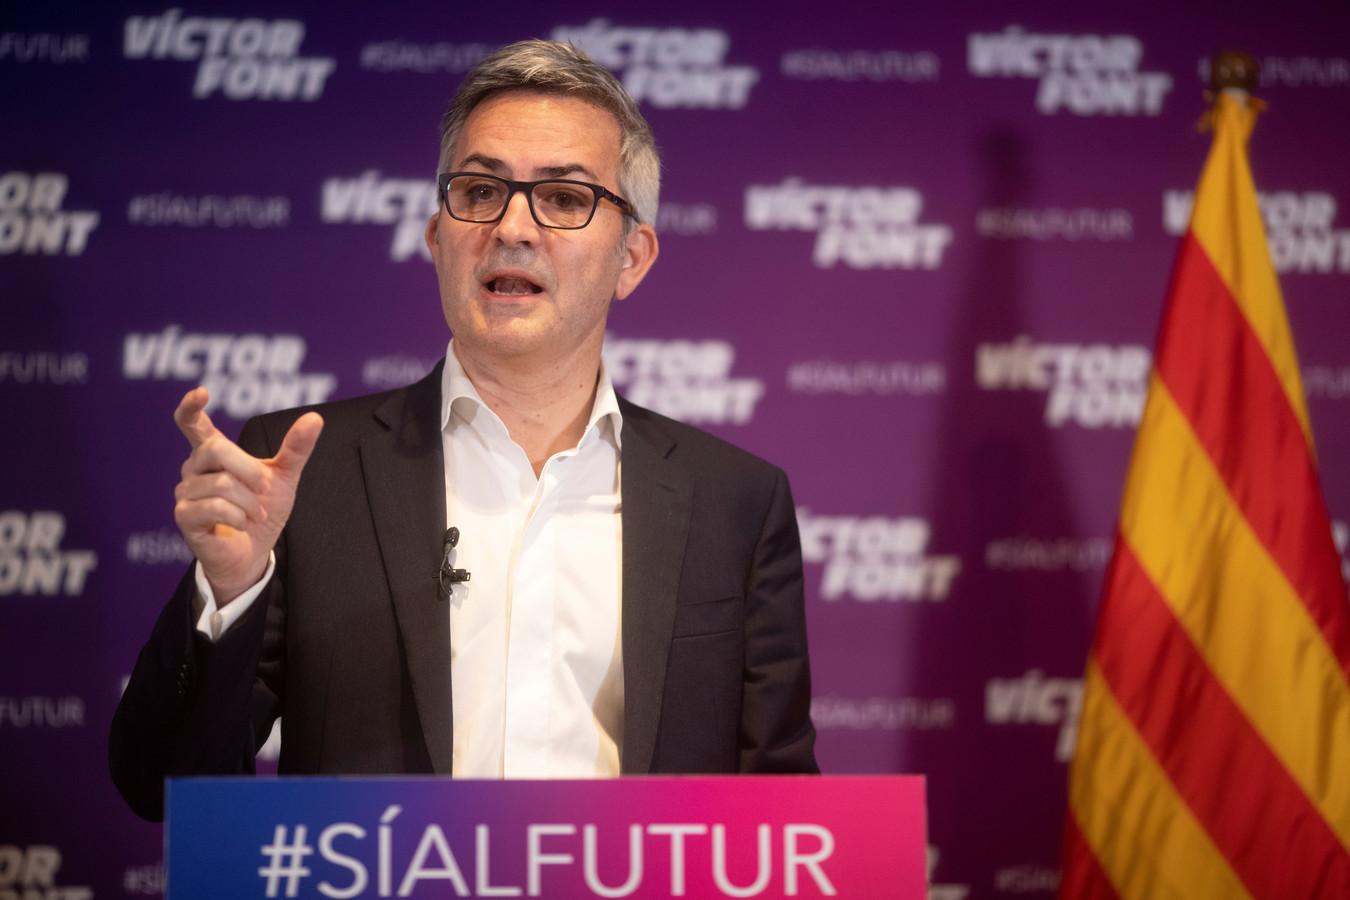 Victor Font, een van de drie kandidaten om voorzitter van FC Barcelona te worden.